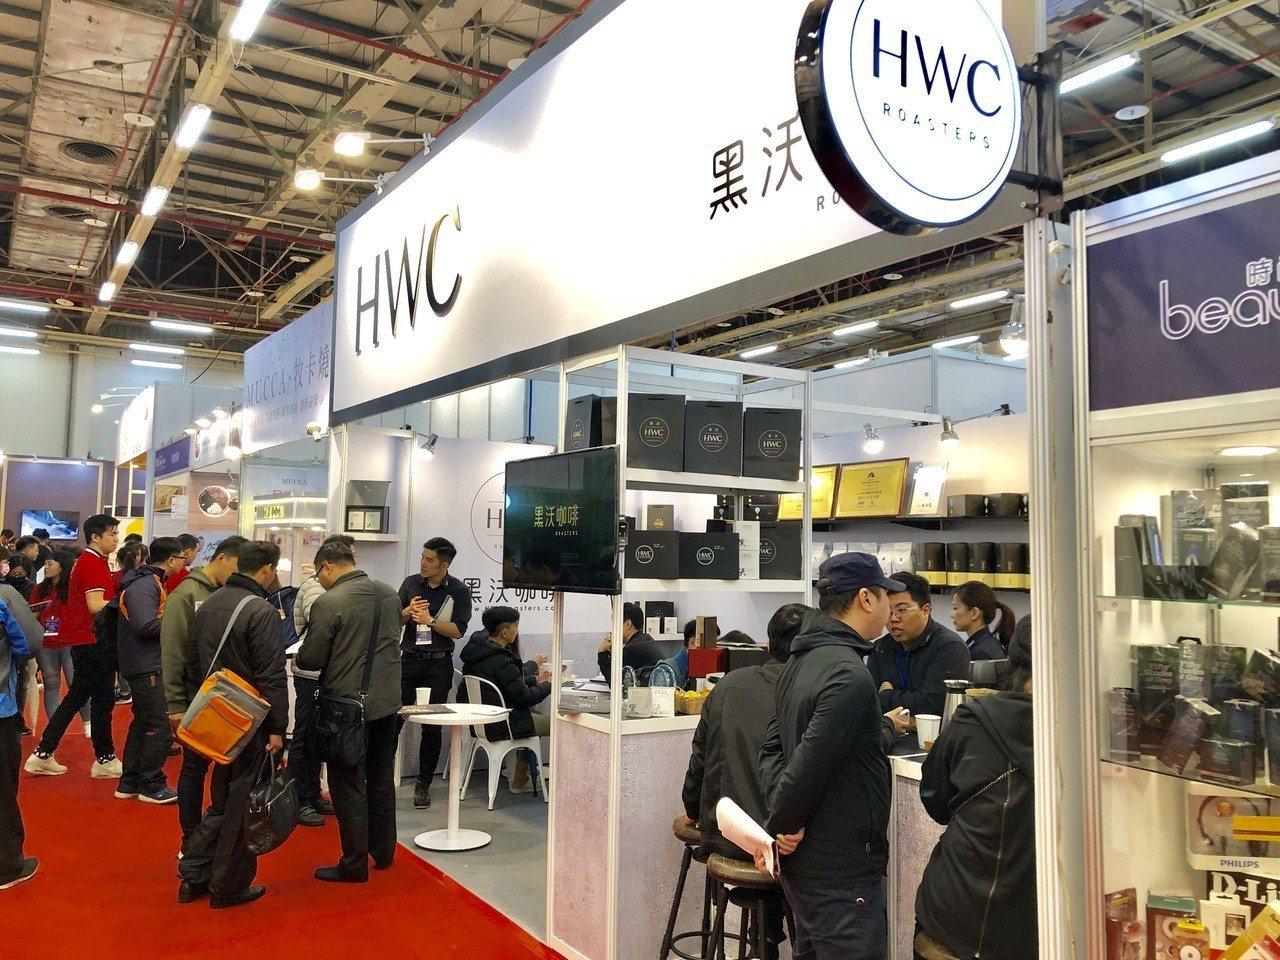 由台灣連鎖加盟促進協會主辦的「台灣創業加盟大展」,在台中世貿二館盛大登場,開展首...